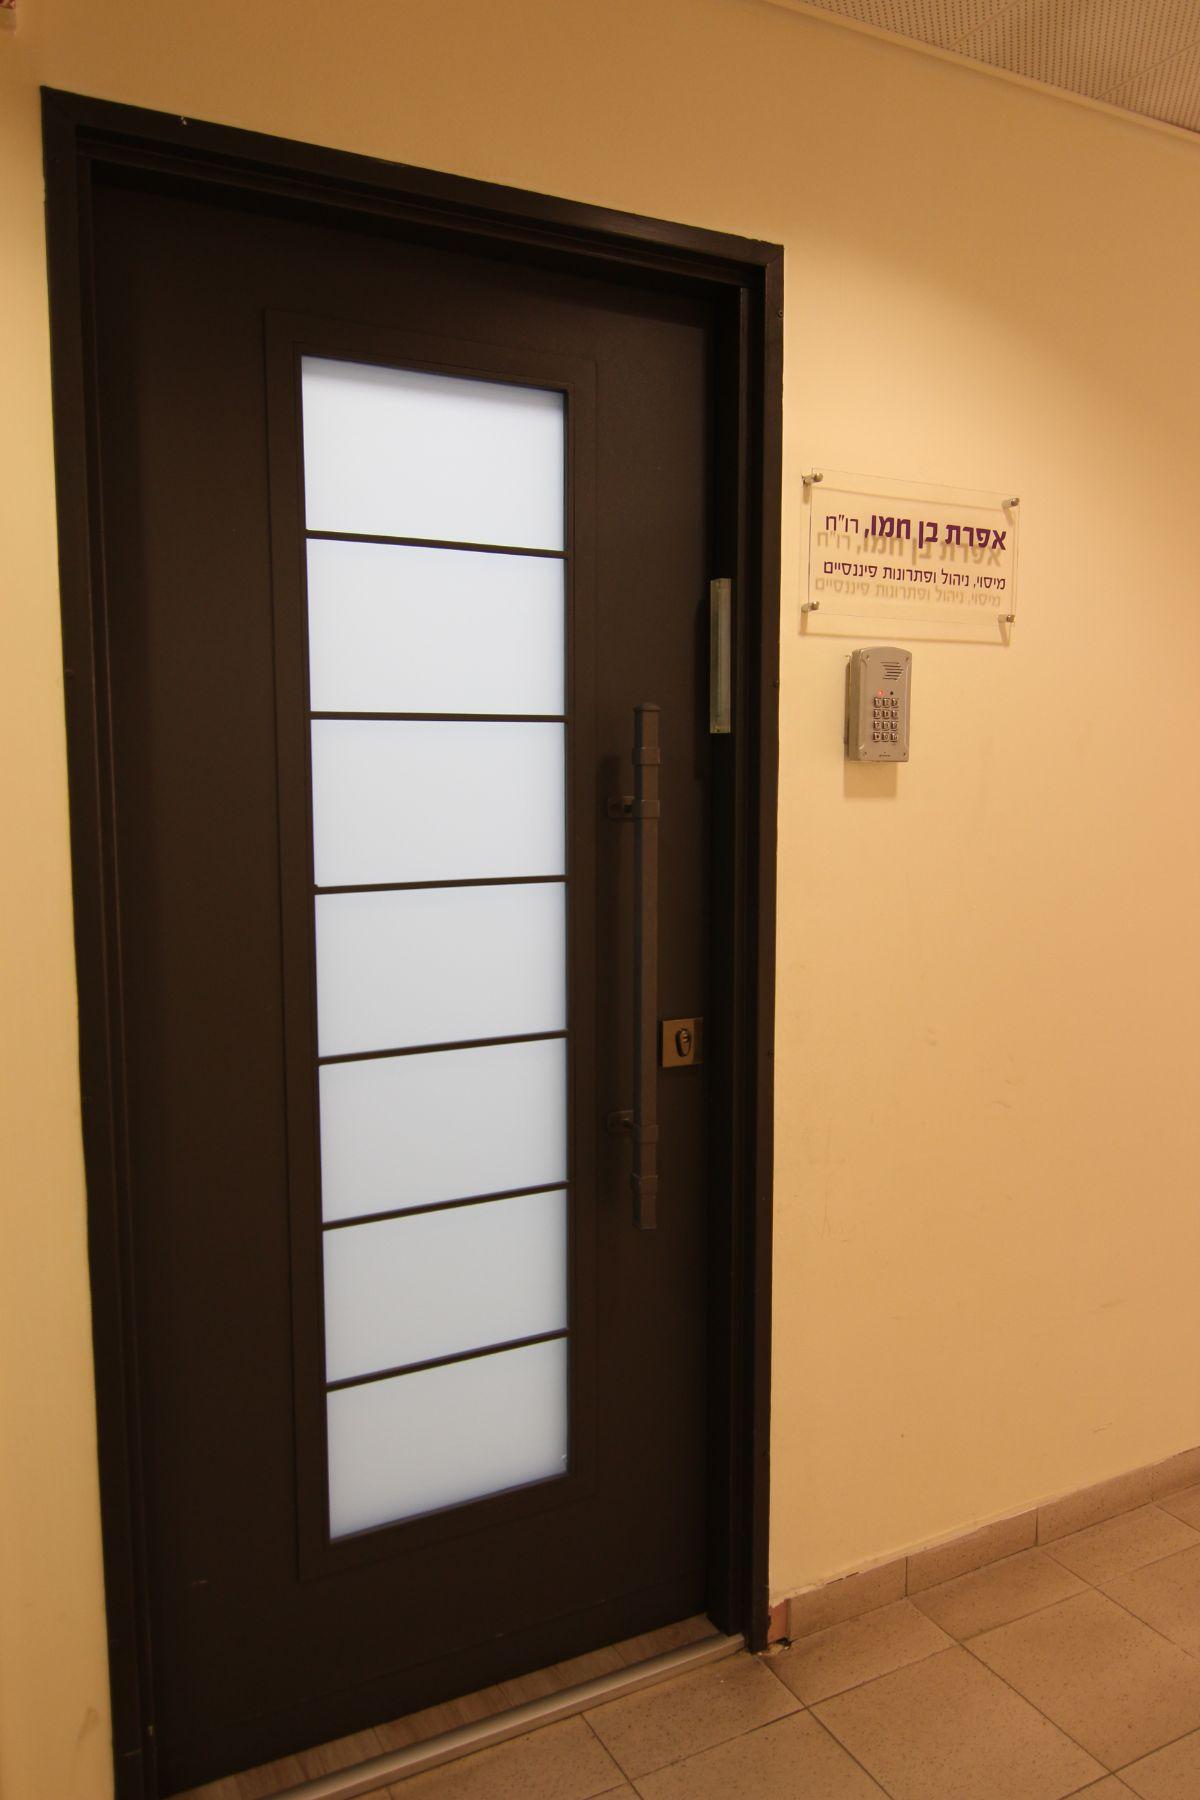 עיצוב פנים דלת כניסה   אדריכלות דלת כניסה - דלת כניסה